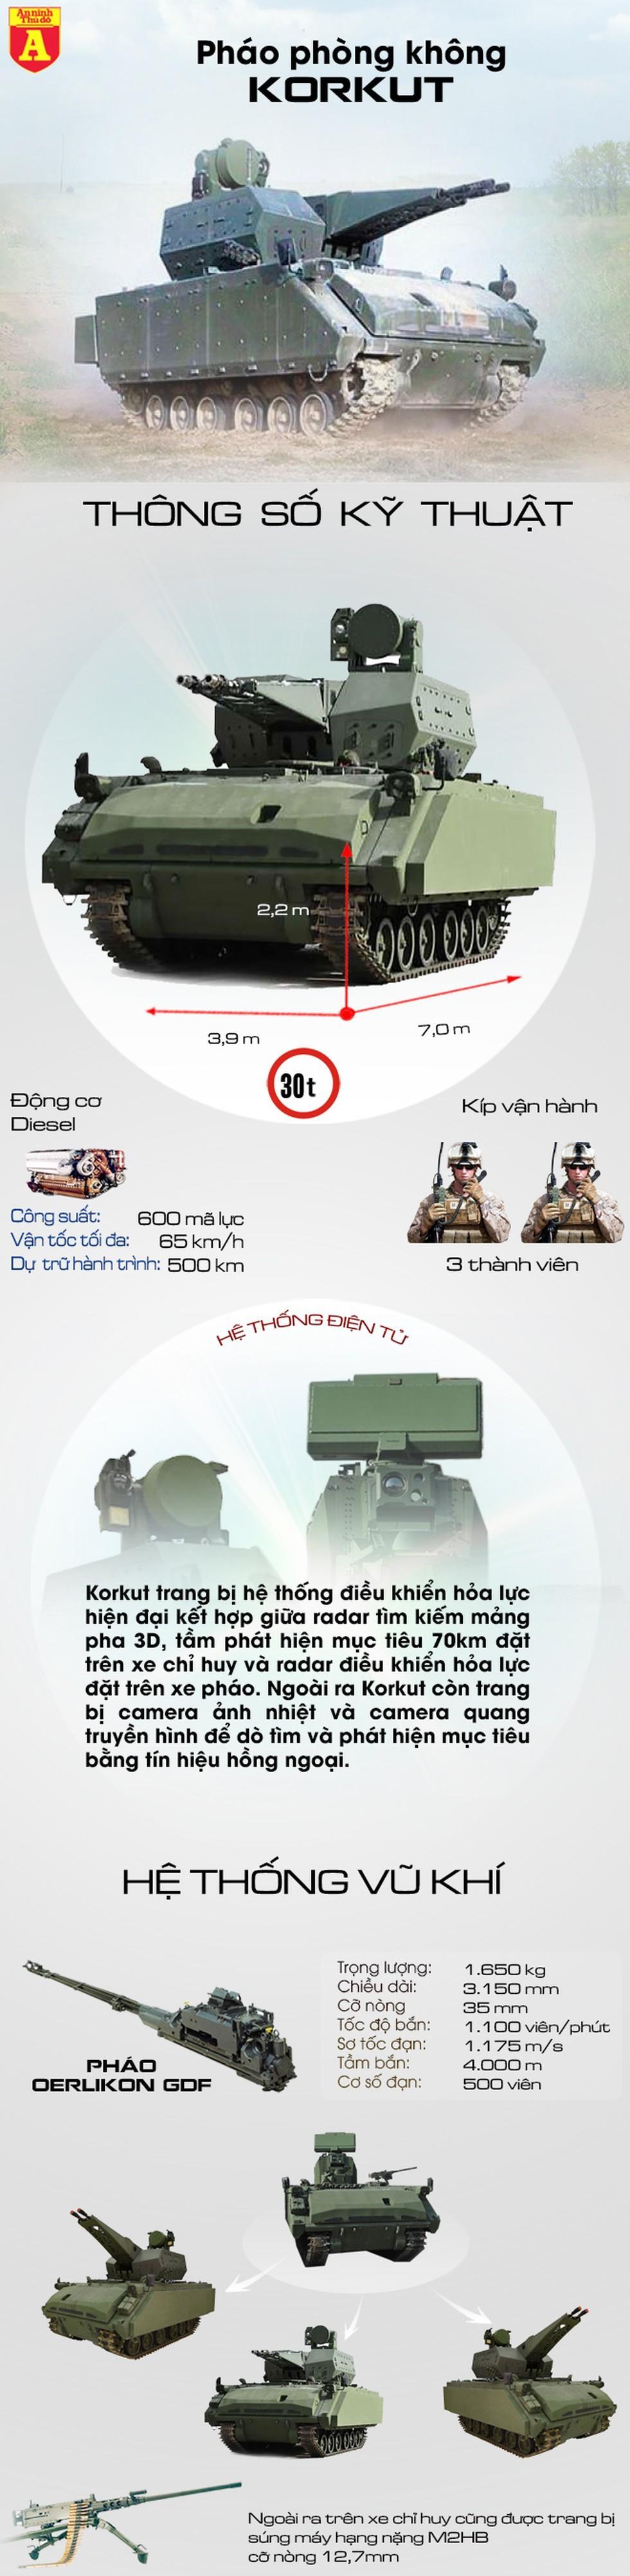 [info] Vừa vào Syria, pháo phòng không Thổ Nhĩ Kỳ bắn đỏ rực trời đỡ đòn tấn công từ Syria ảnh 3